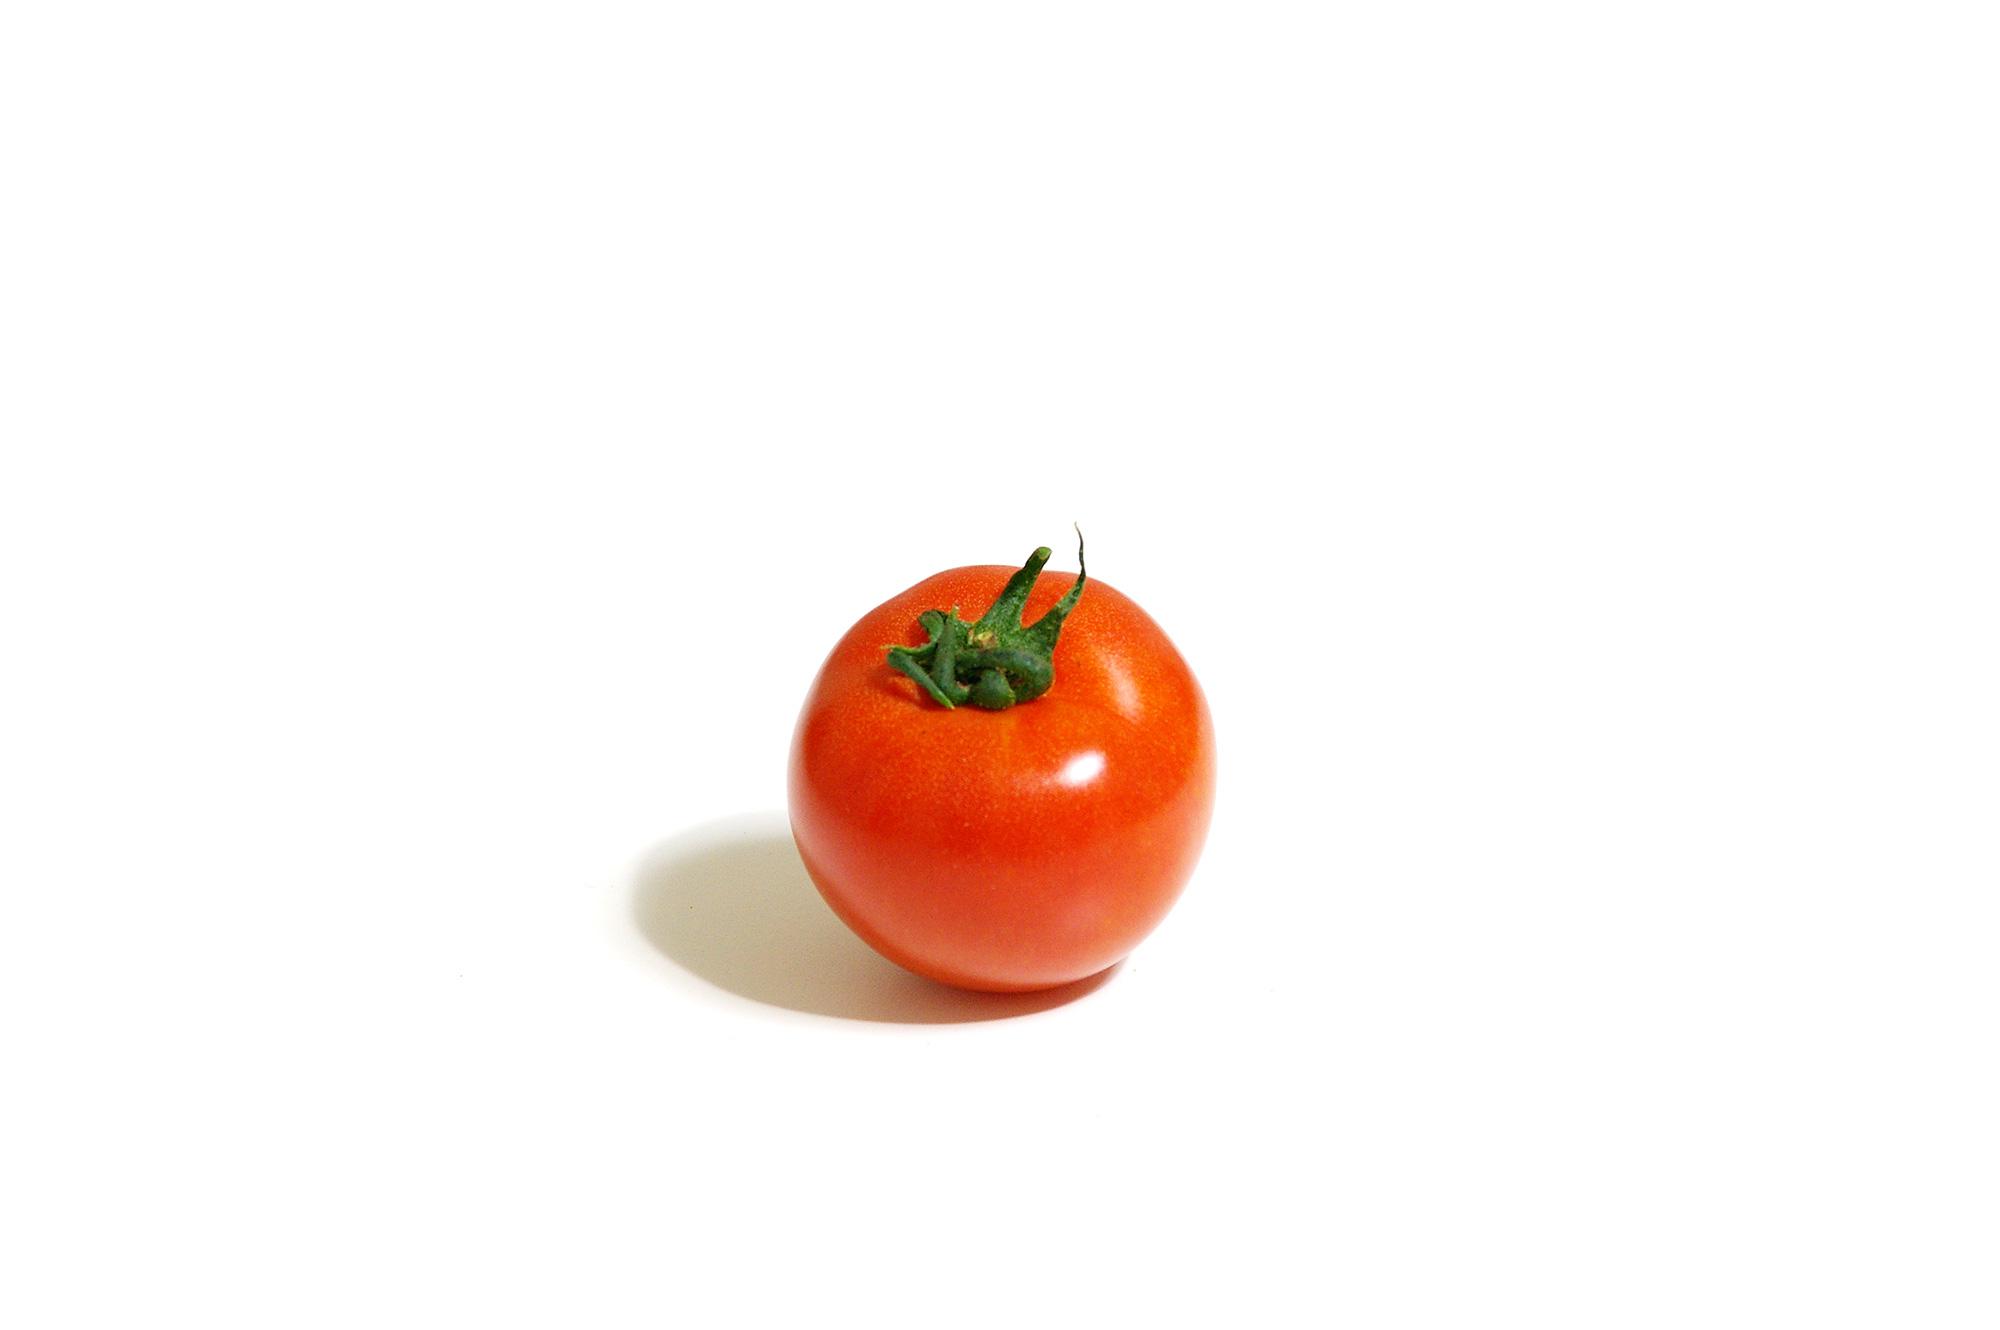 ミニトマトの無料画像素材